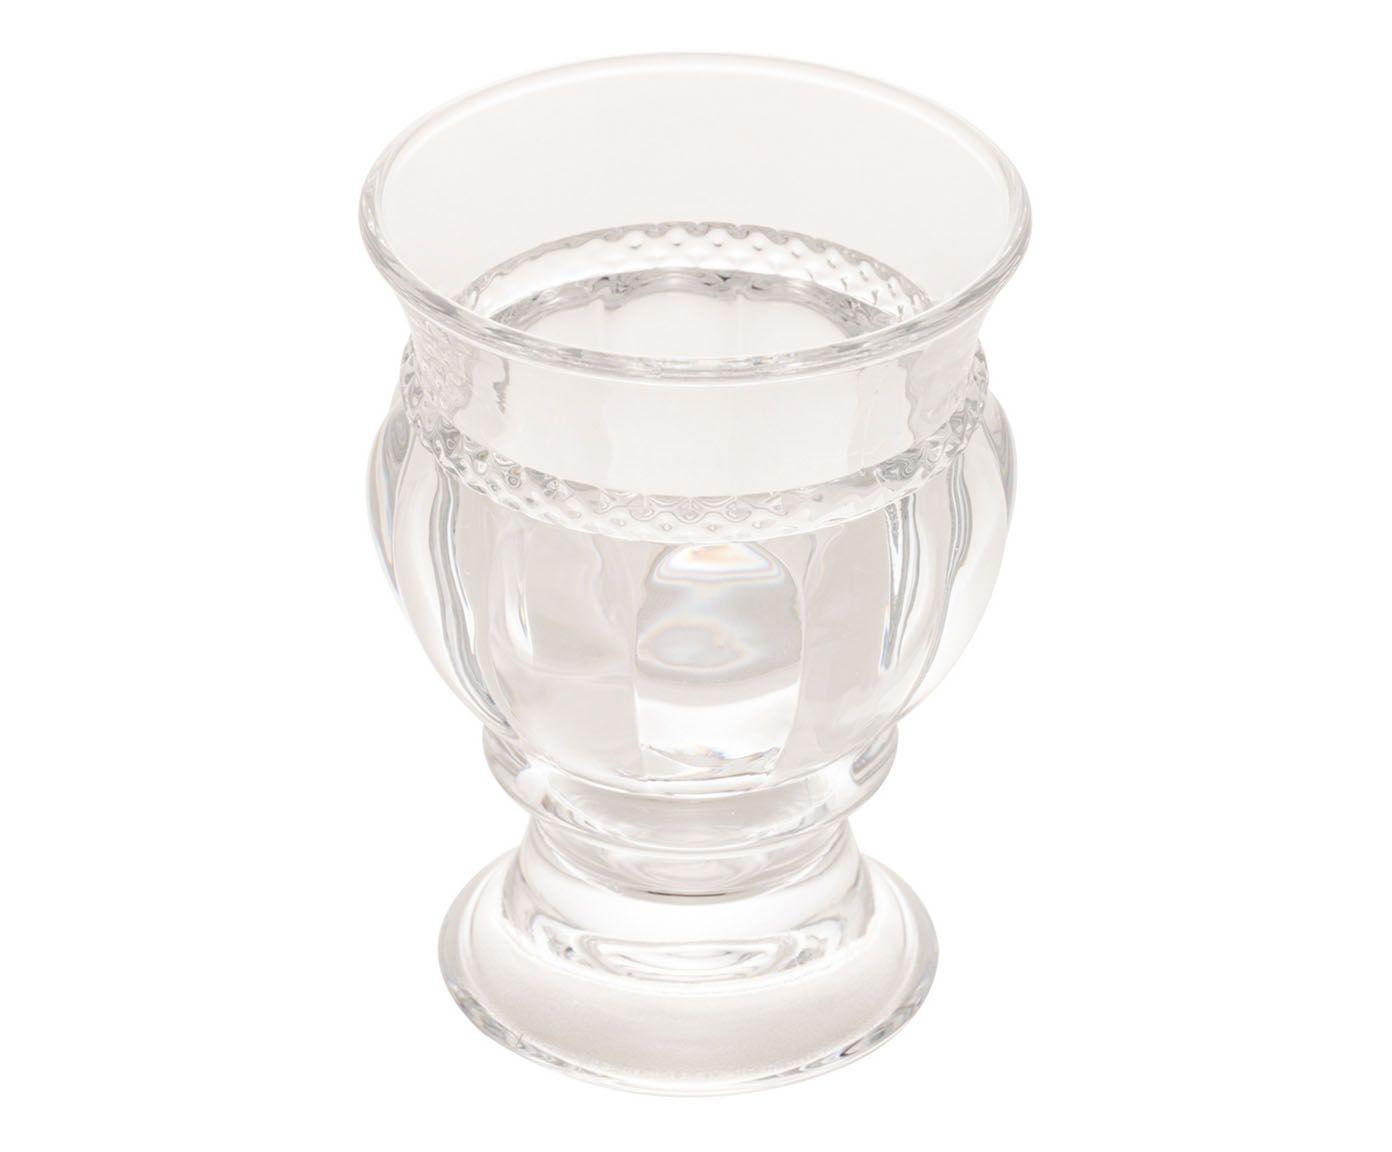 Cachepot de Cristal Diamante 7,2X5,8X10cm - Lyor | Westwing.com.br